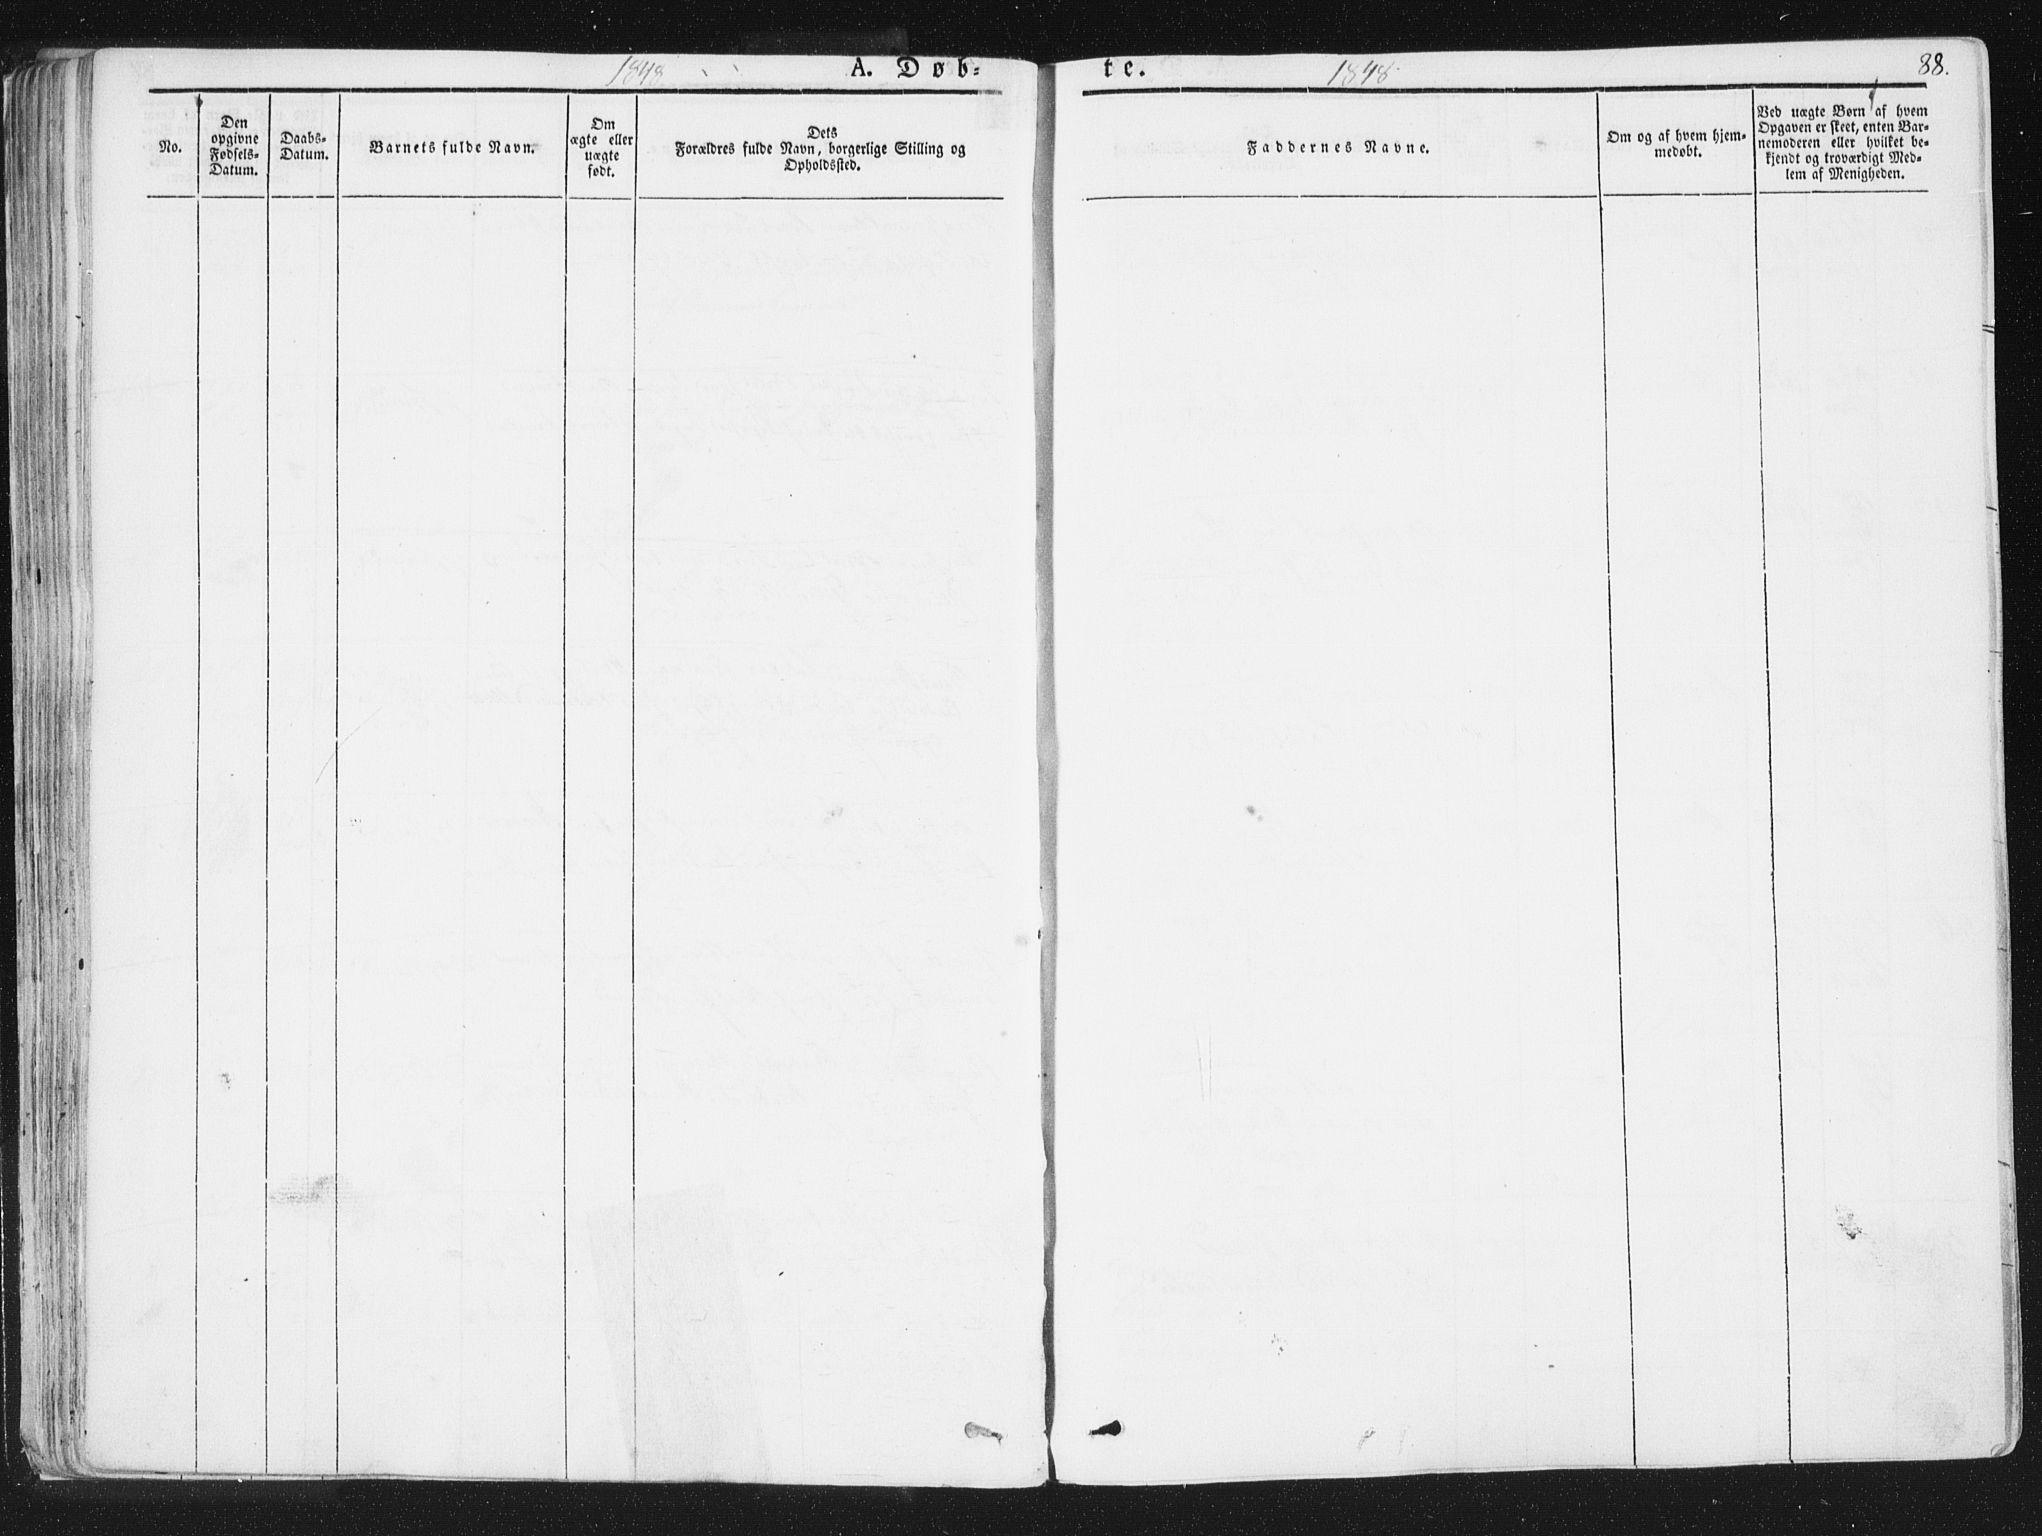 SAT, Ministerialprotokoller, klokkerbøker og fødselsregistre - Sør-Trøndelag, 691/L1074: Ministerialbok nr. 691A06, 1842-1852, s. 88